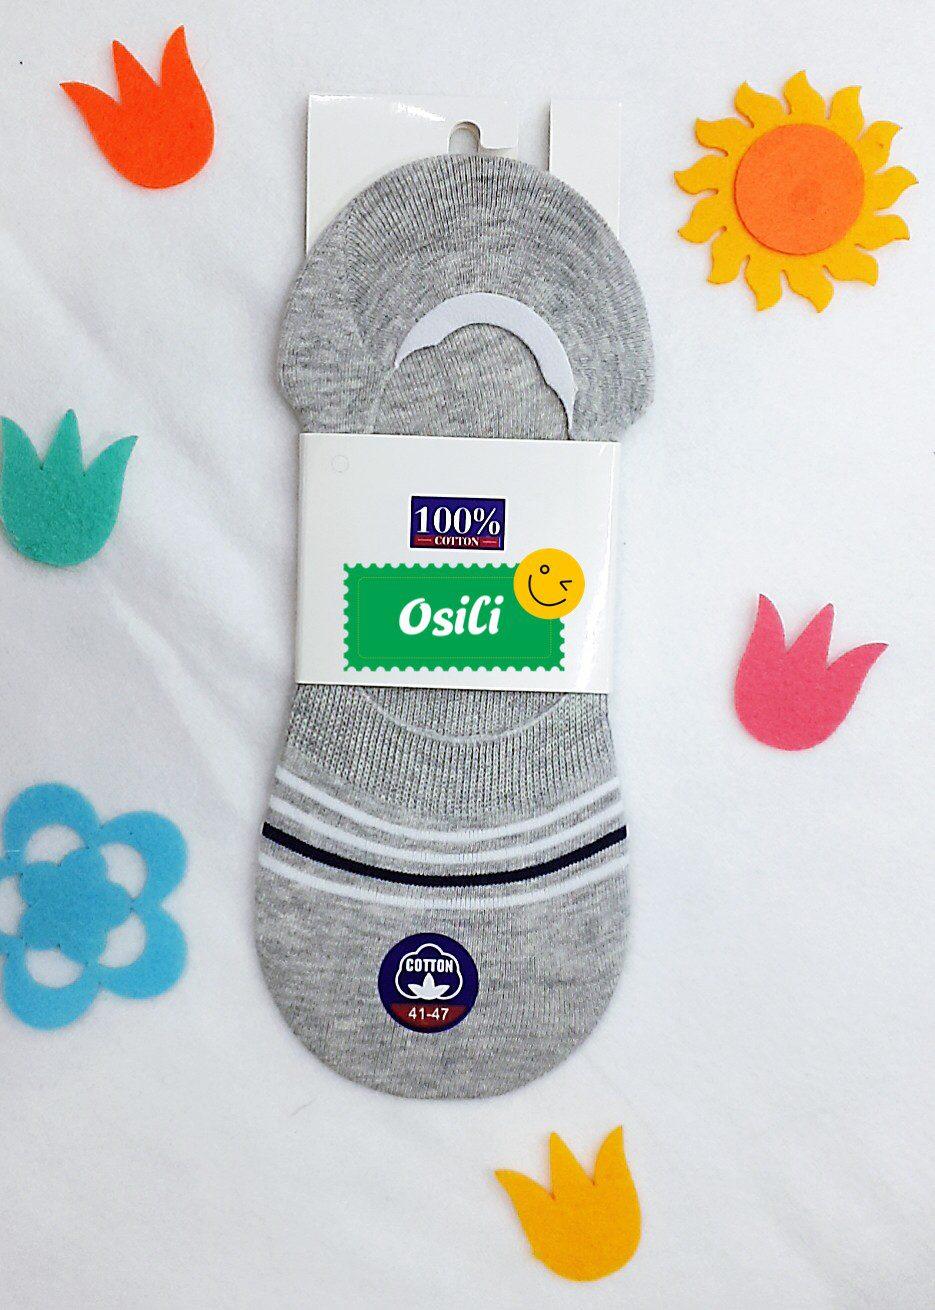 IMG 6502 Osili - Fashion - Divat